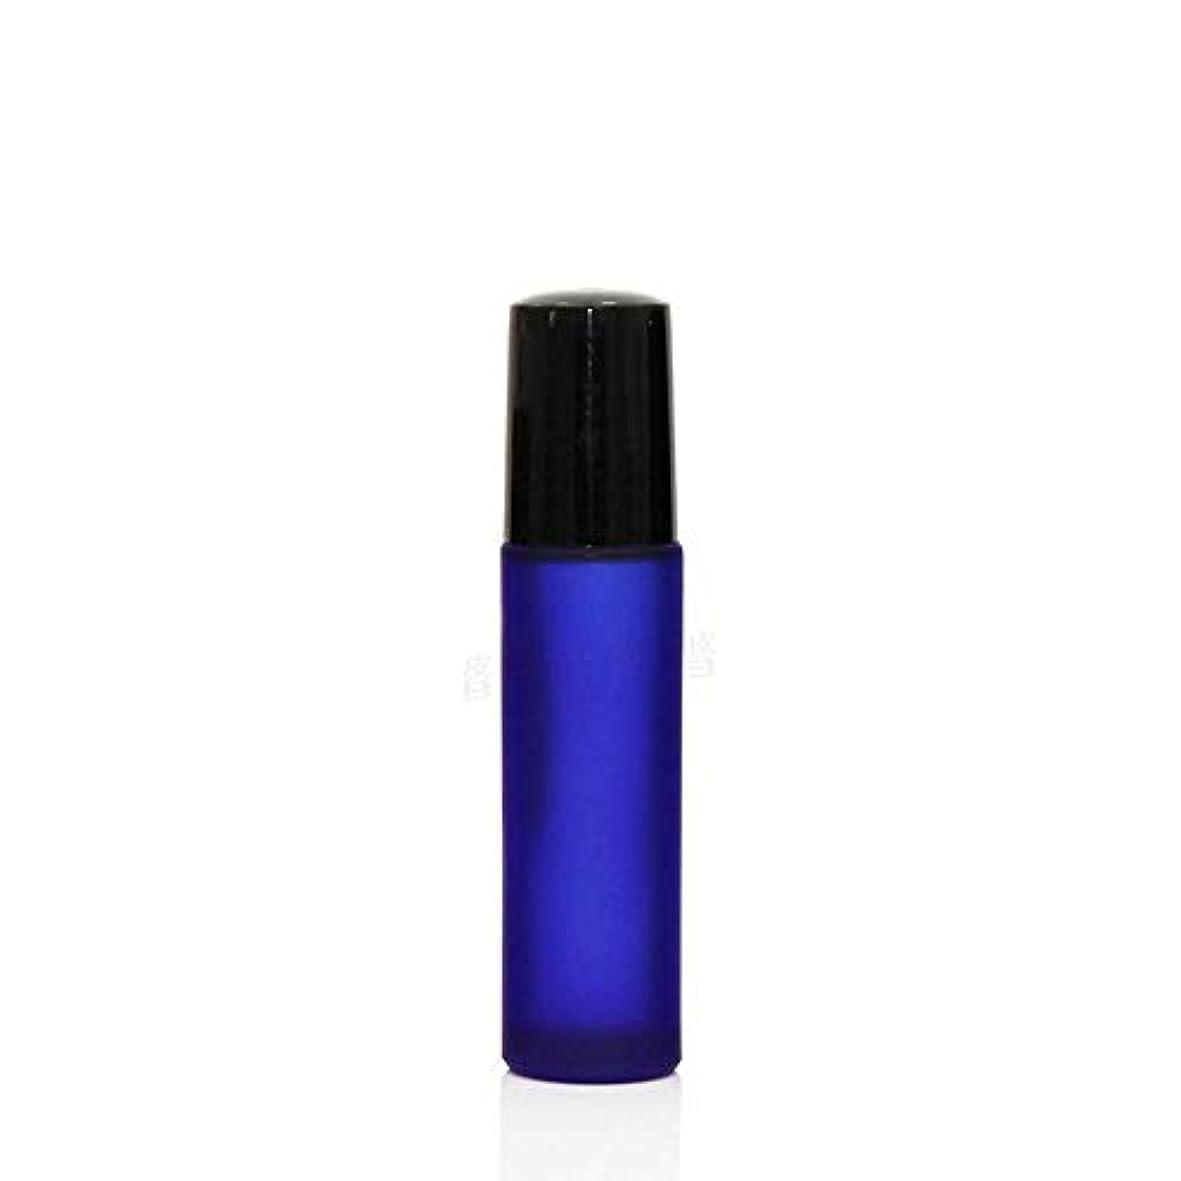 くるみ落ち込んでいる許容Simg ロールオンボトル アロマオイル 精油 小分け用 遮光瓶 10ml 10本セット ガラスロールタイプ (ブルー)